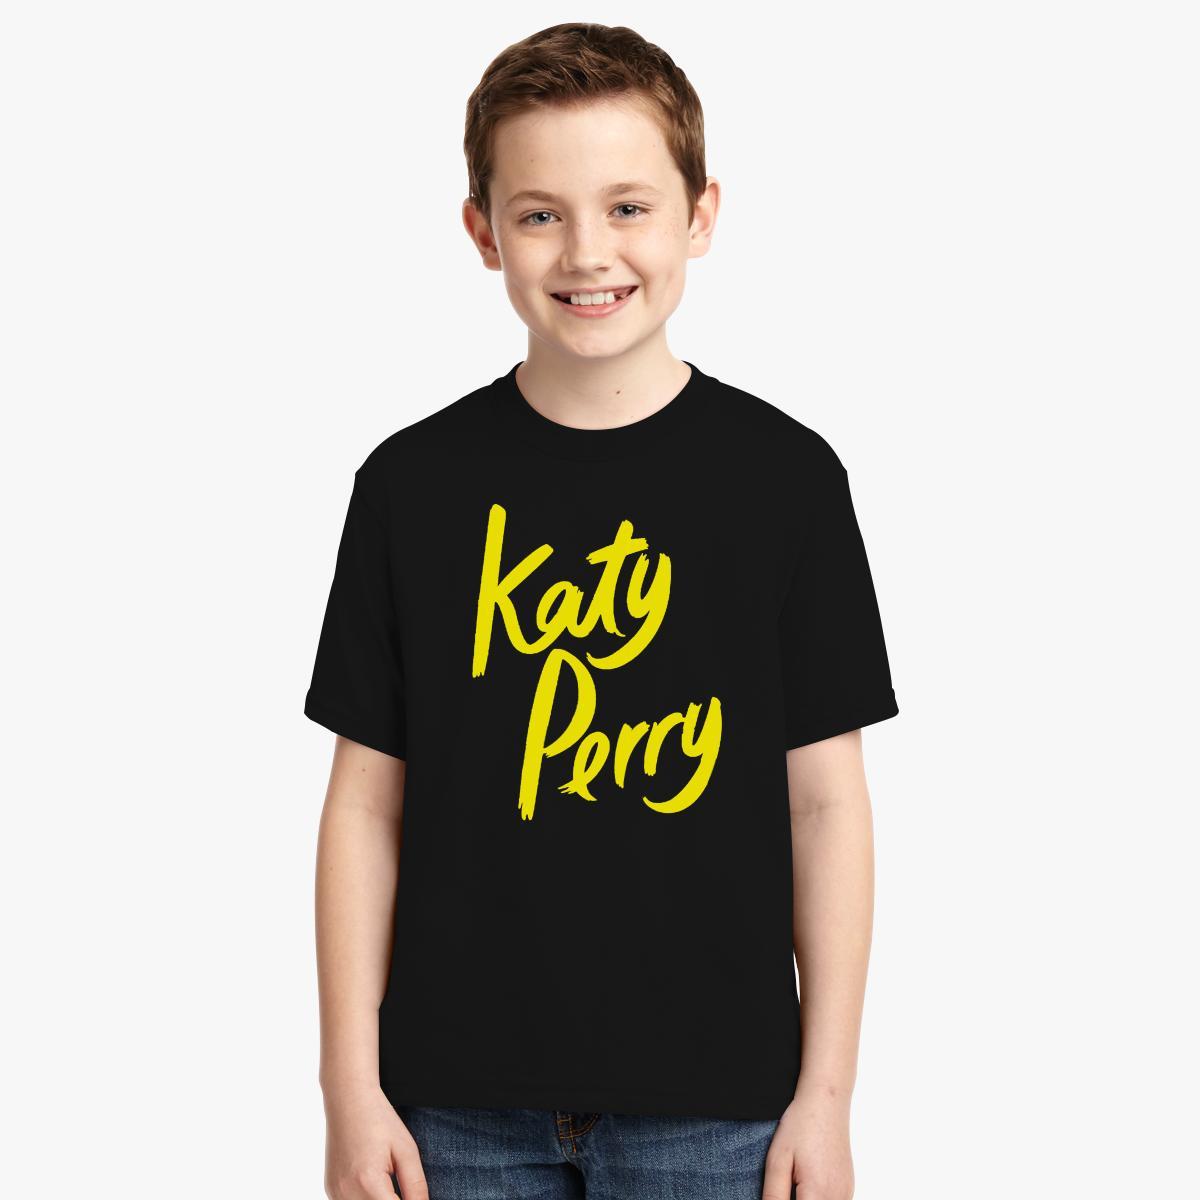 Katy Perry Youth T-shirt | Customon.com